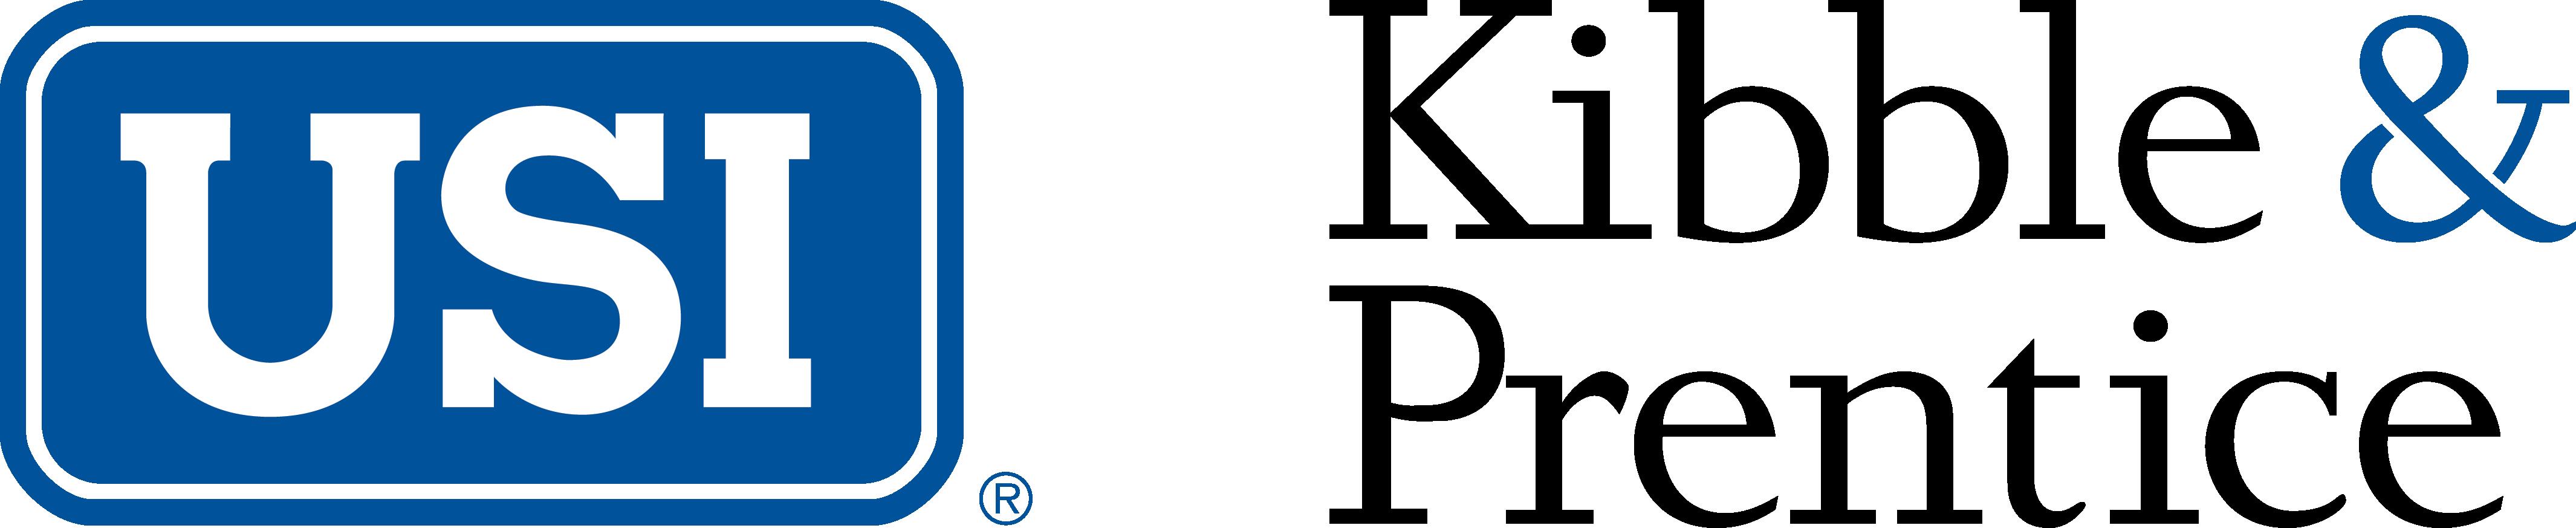 Kibble and Prentice logo